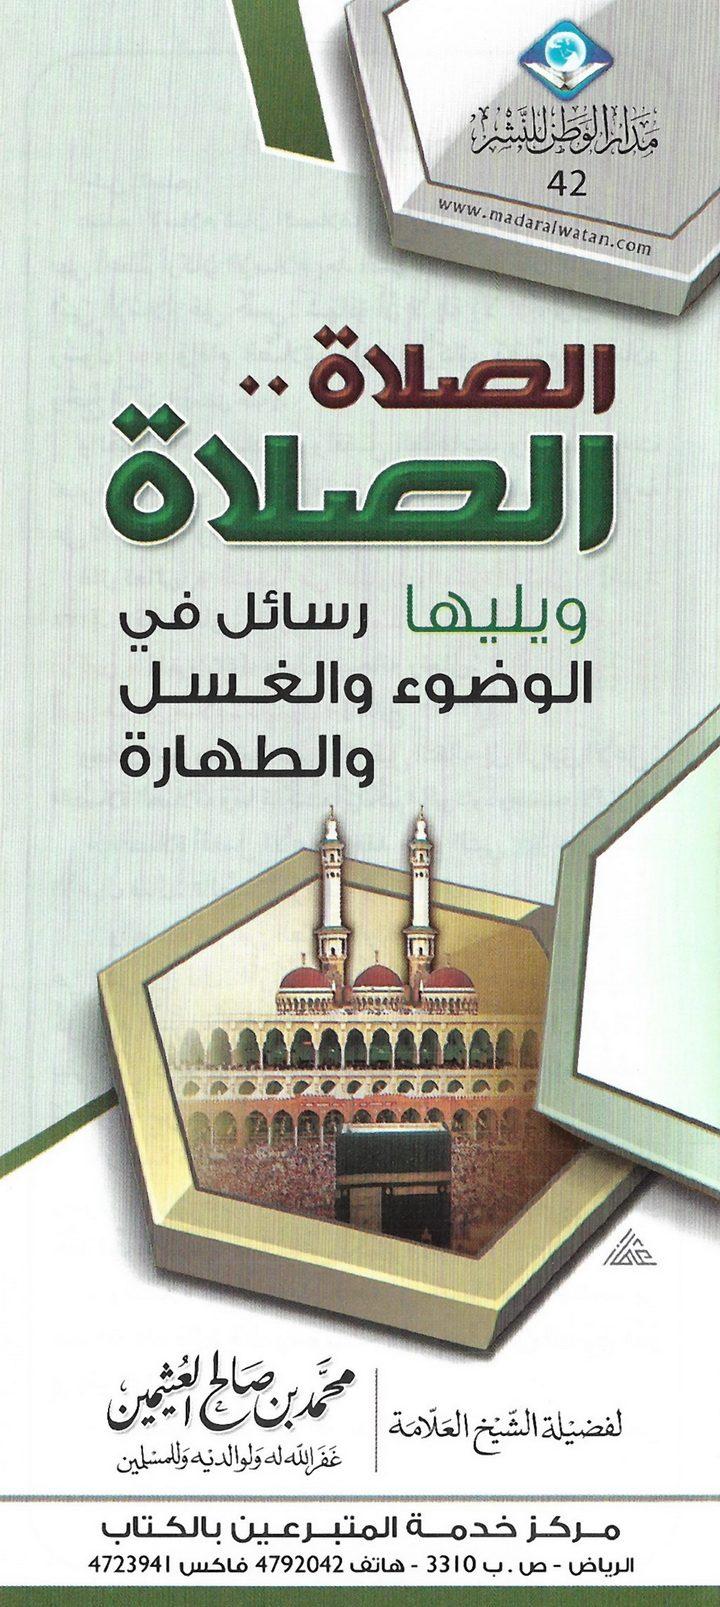 الصلاة .. الصلاة (محمد بن صالح العثيمين – مدار الوطن للنشر)